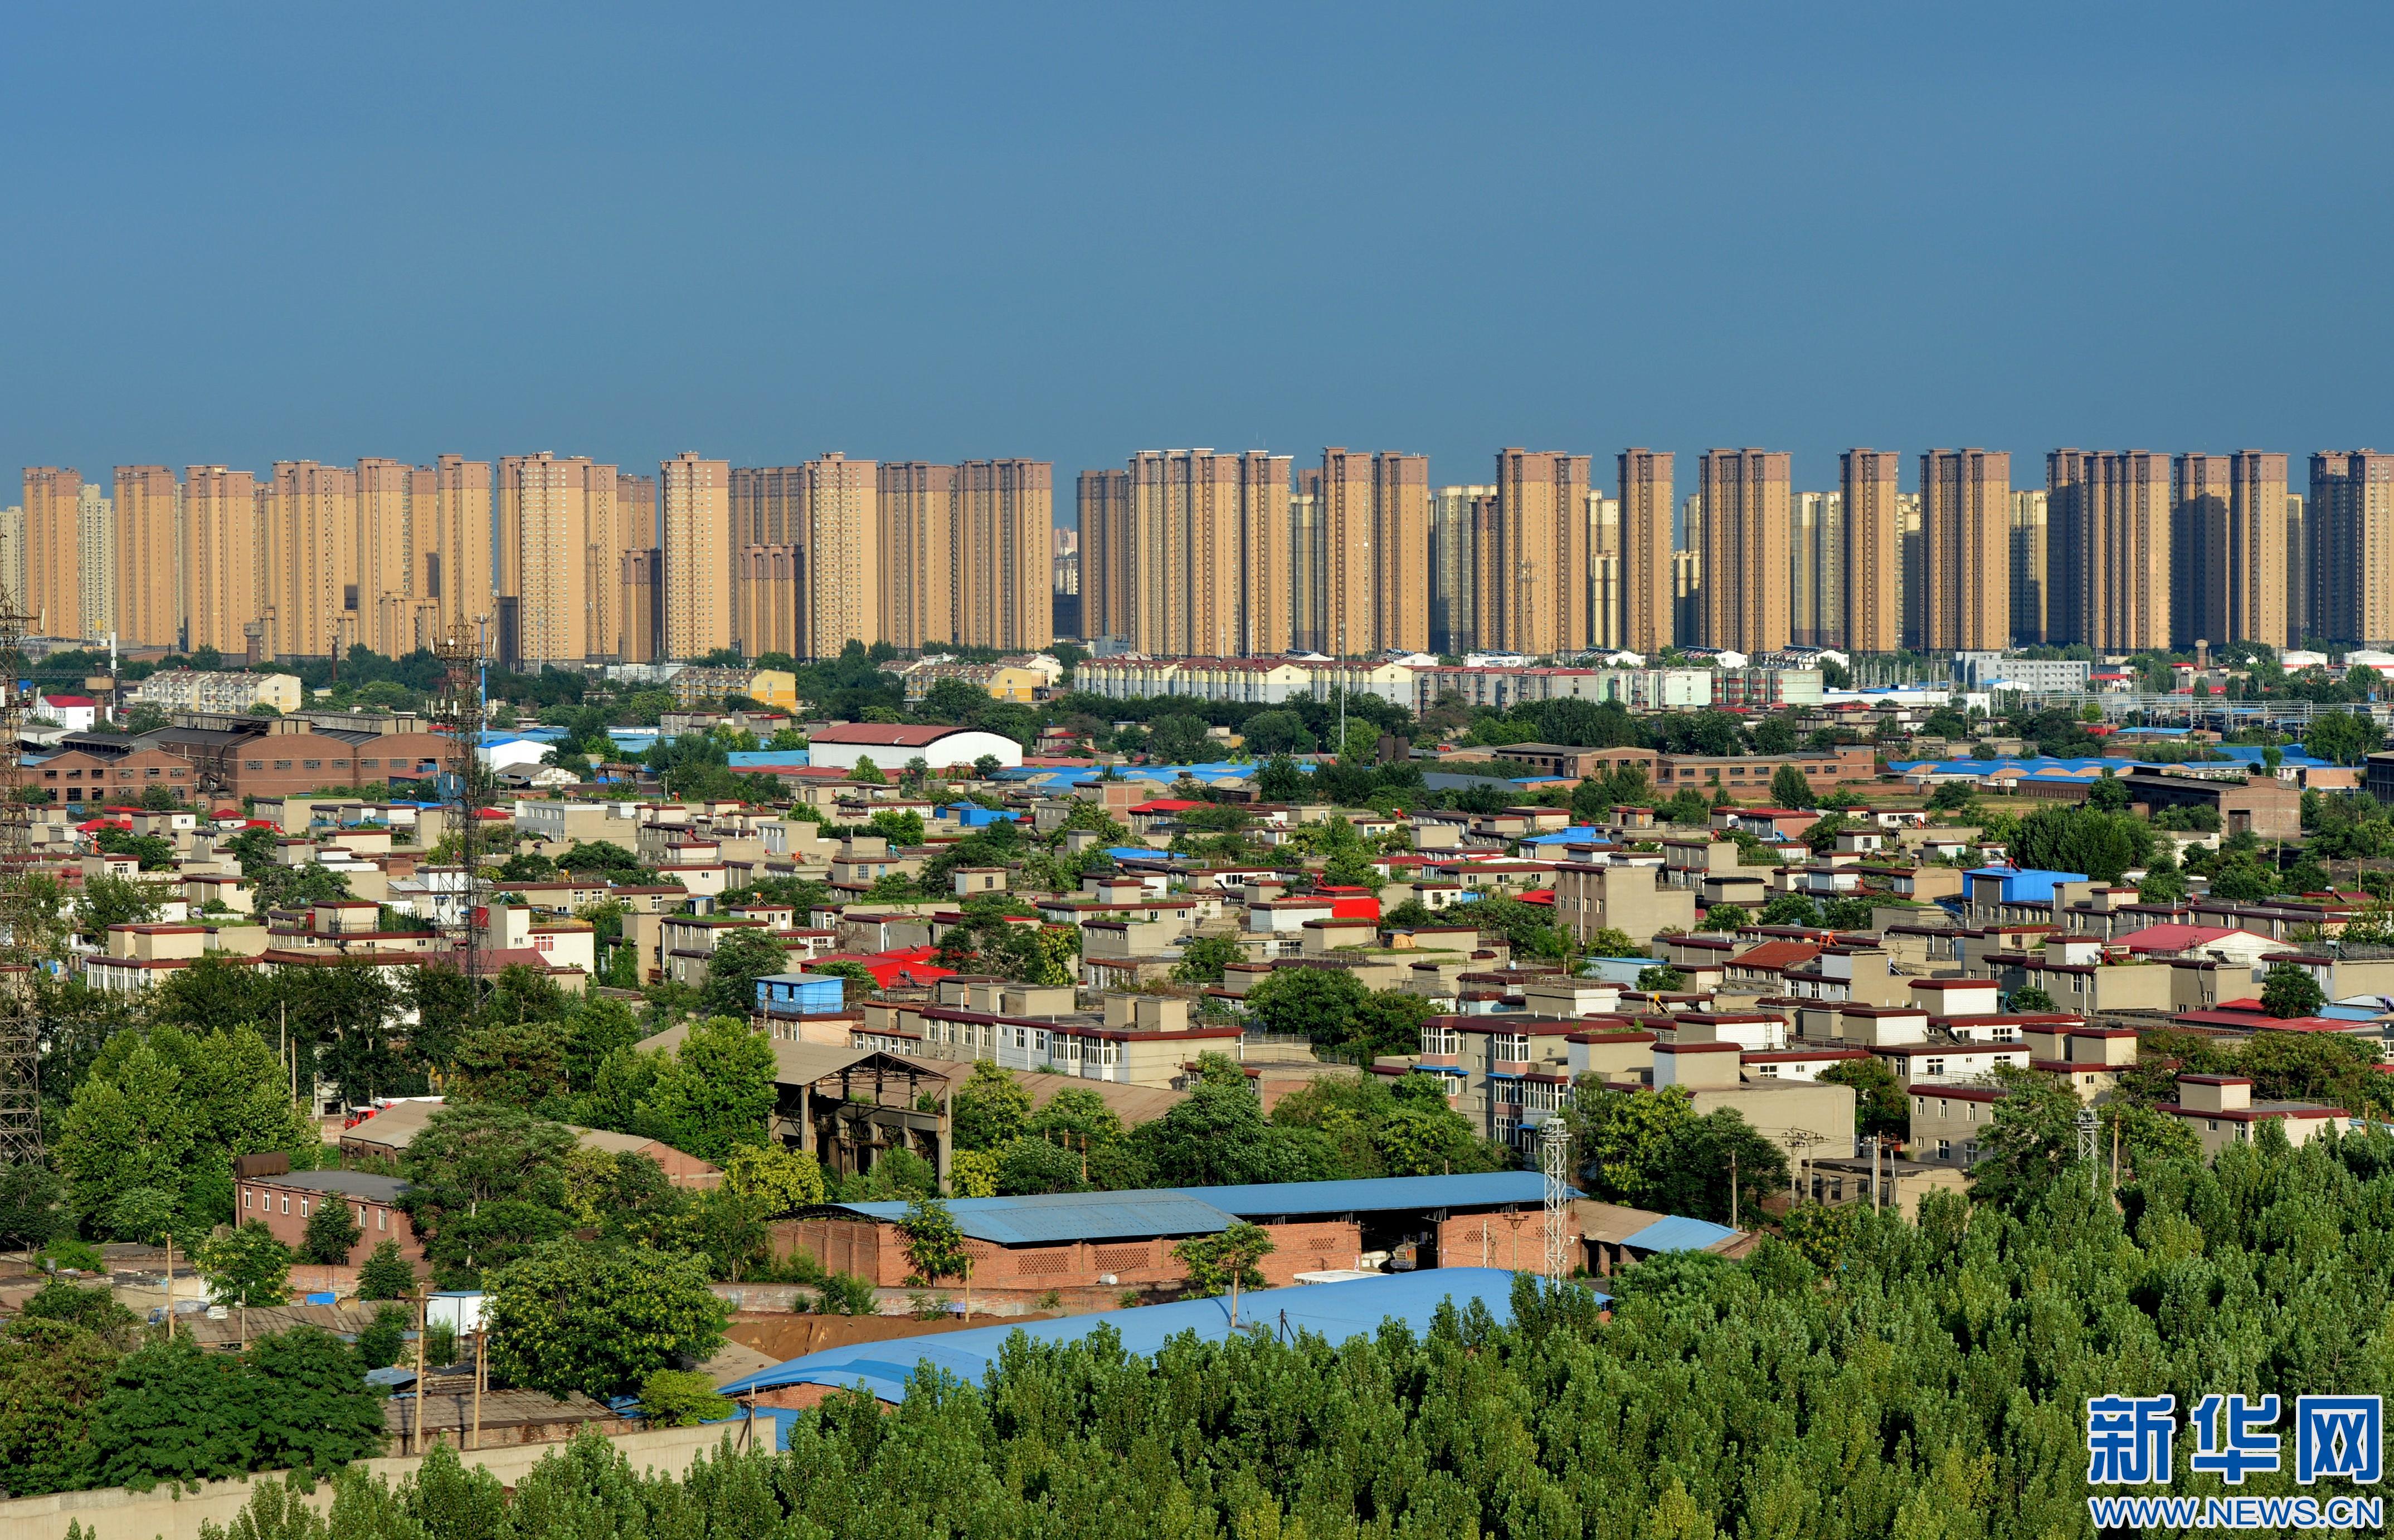 河北省邯郸市_这是河北省邯郸市市区内的商品房住宅楼(6月23日摄).